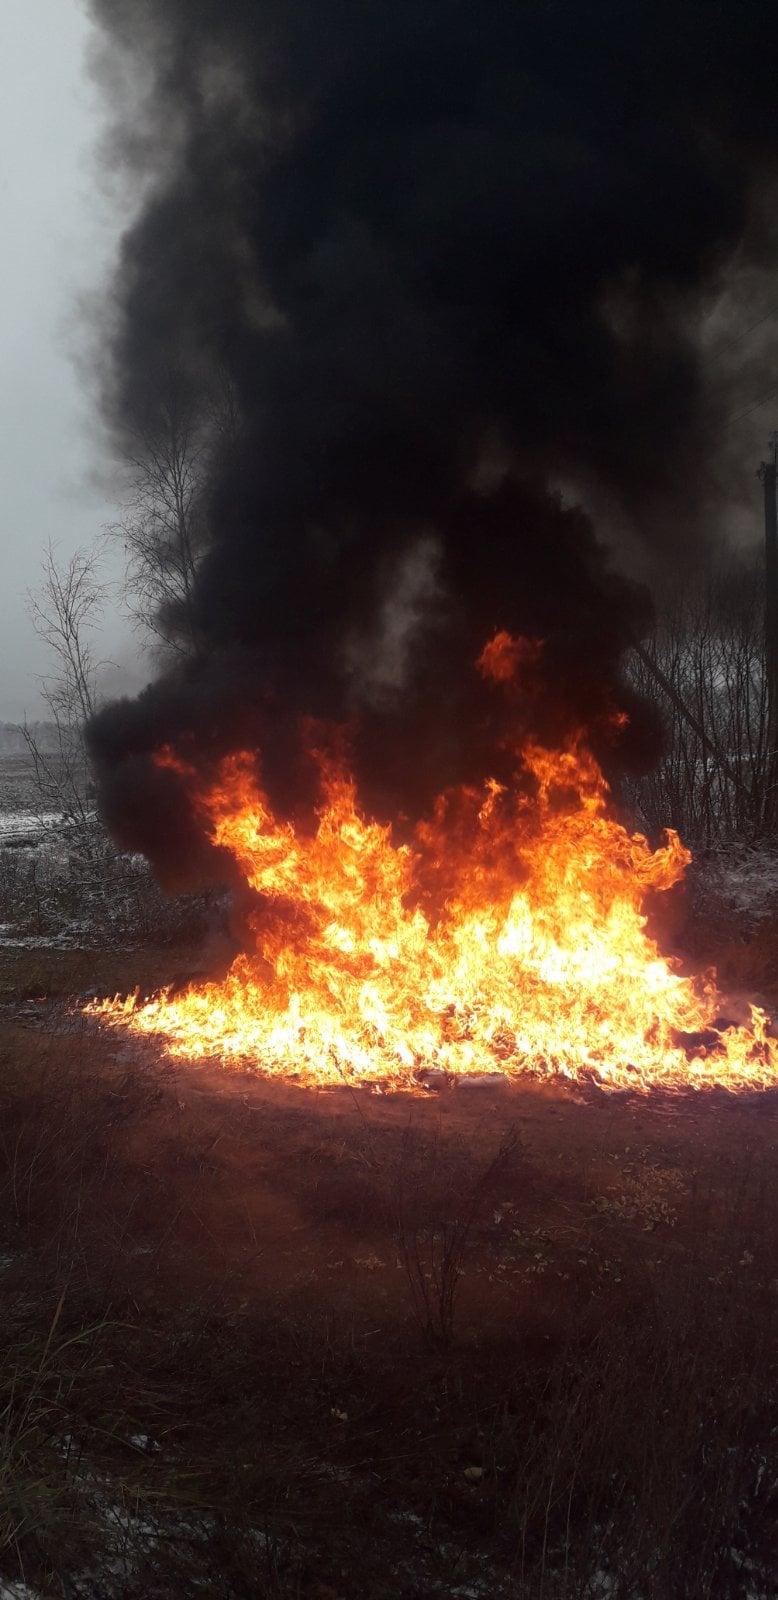 На Чернігівщині на агронома склали адмінпротокол за спалювання тари з -під добрив та агрохімікатів